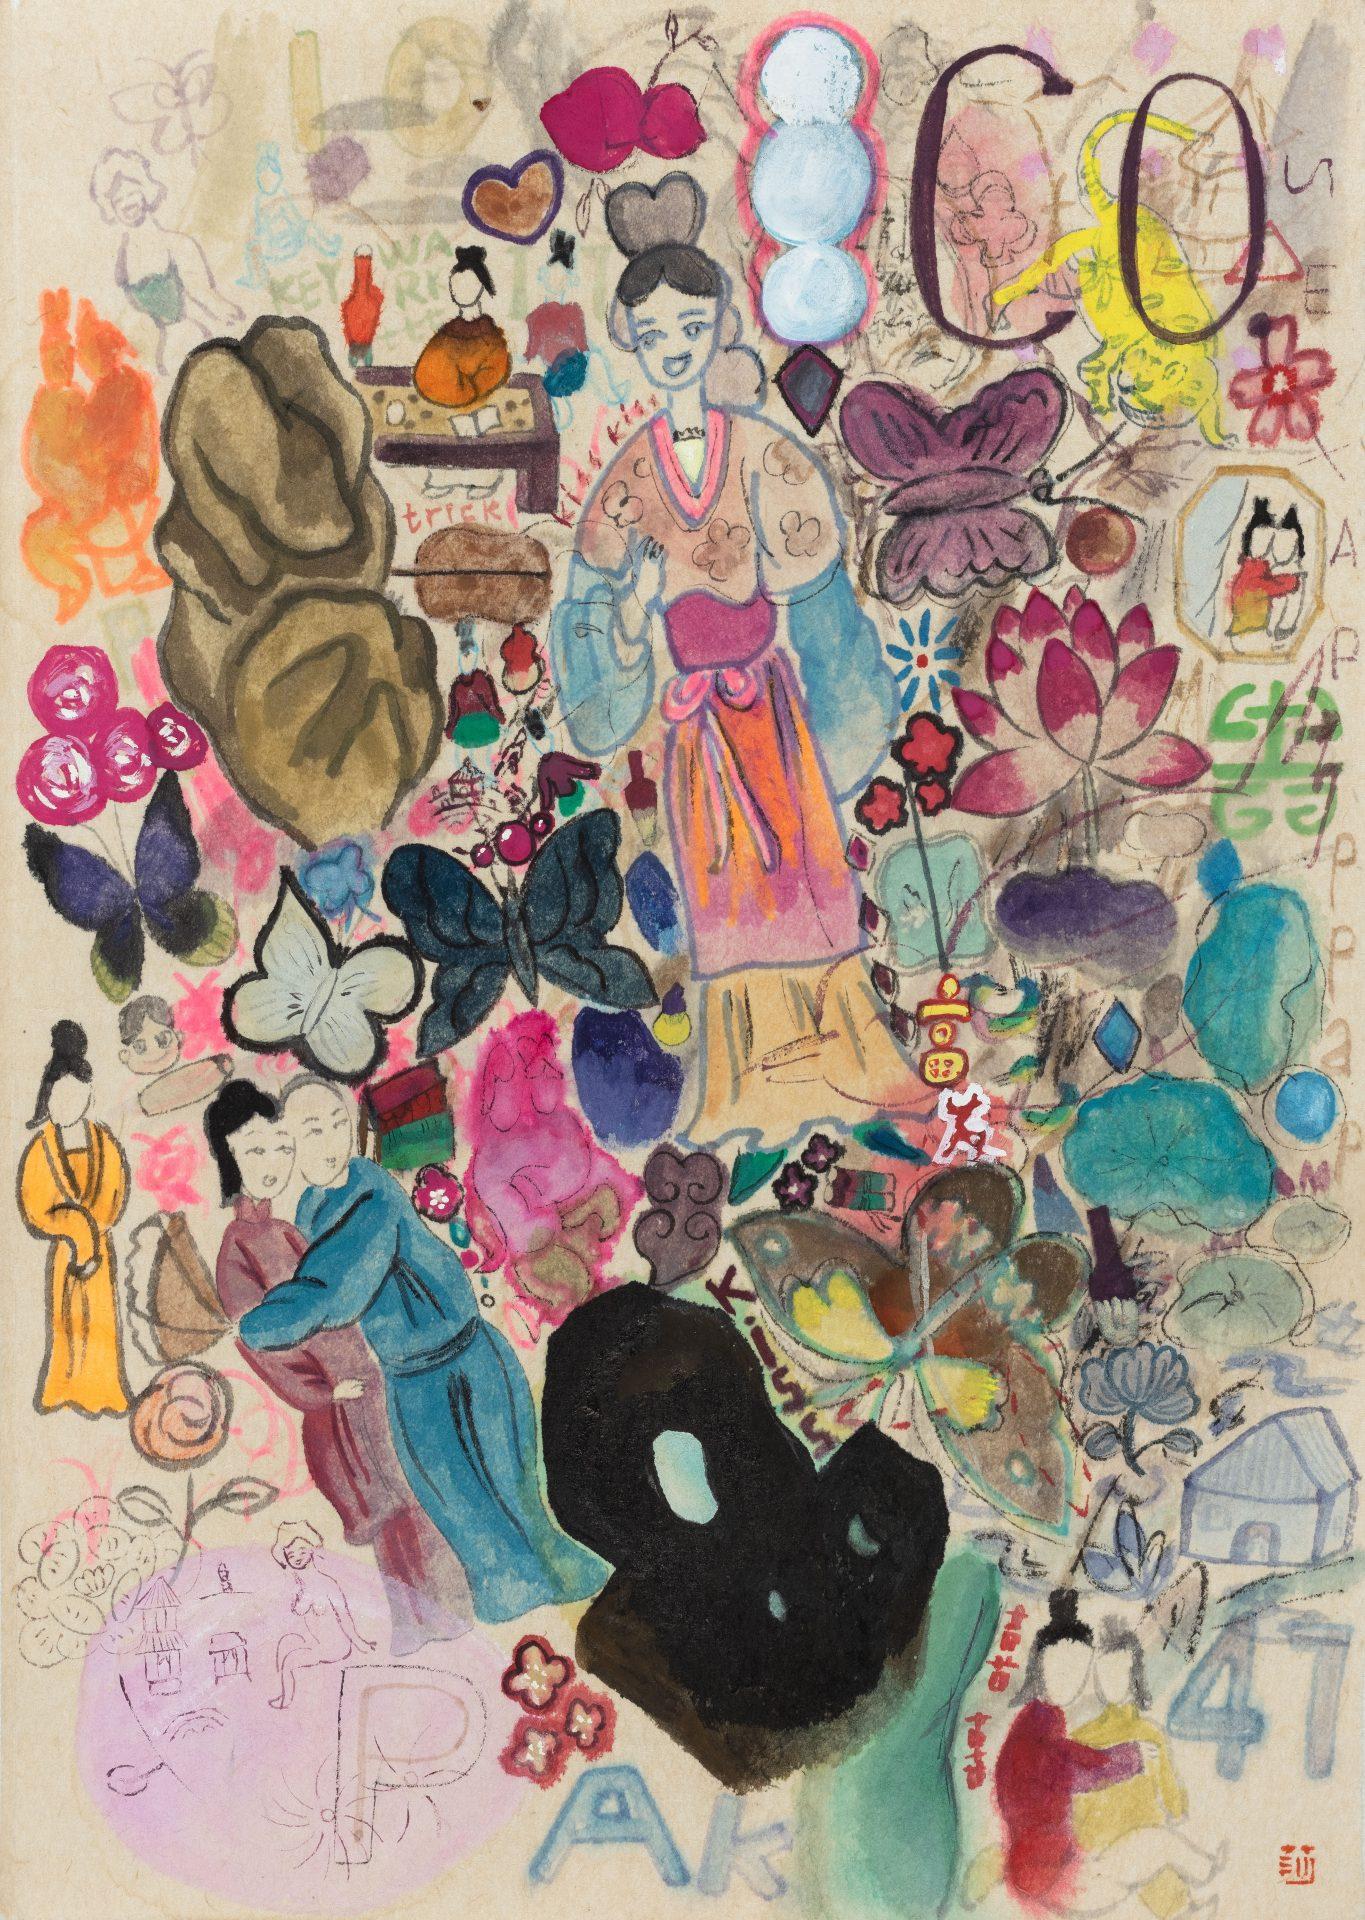 王濛莎 Wang MengSha, 霓裳 Gown, 2021, 紙本設色 color on paper, 30 x 21 cm